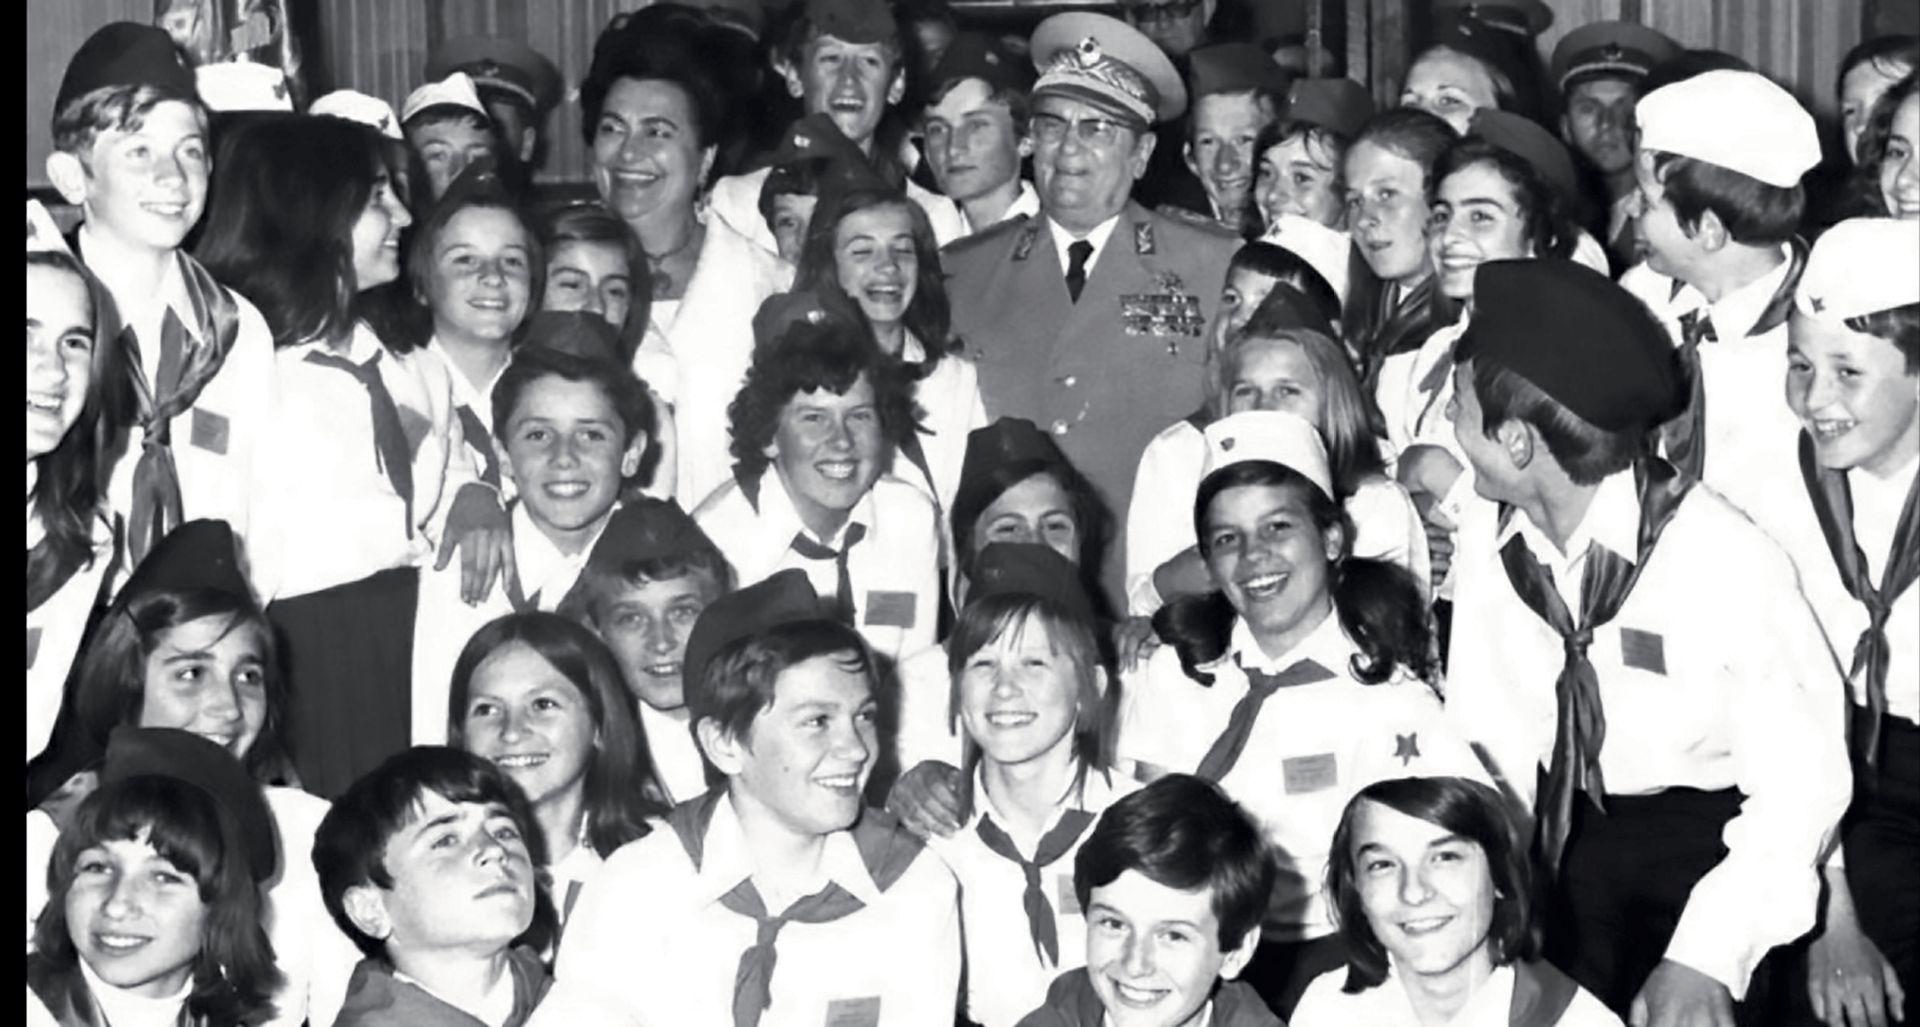 FELJTON Kako su albumi sa sličicama odgajali djecu u Jugoslaviji